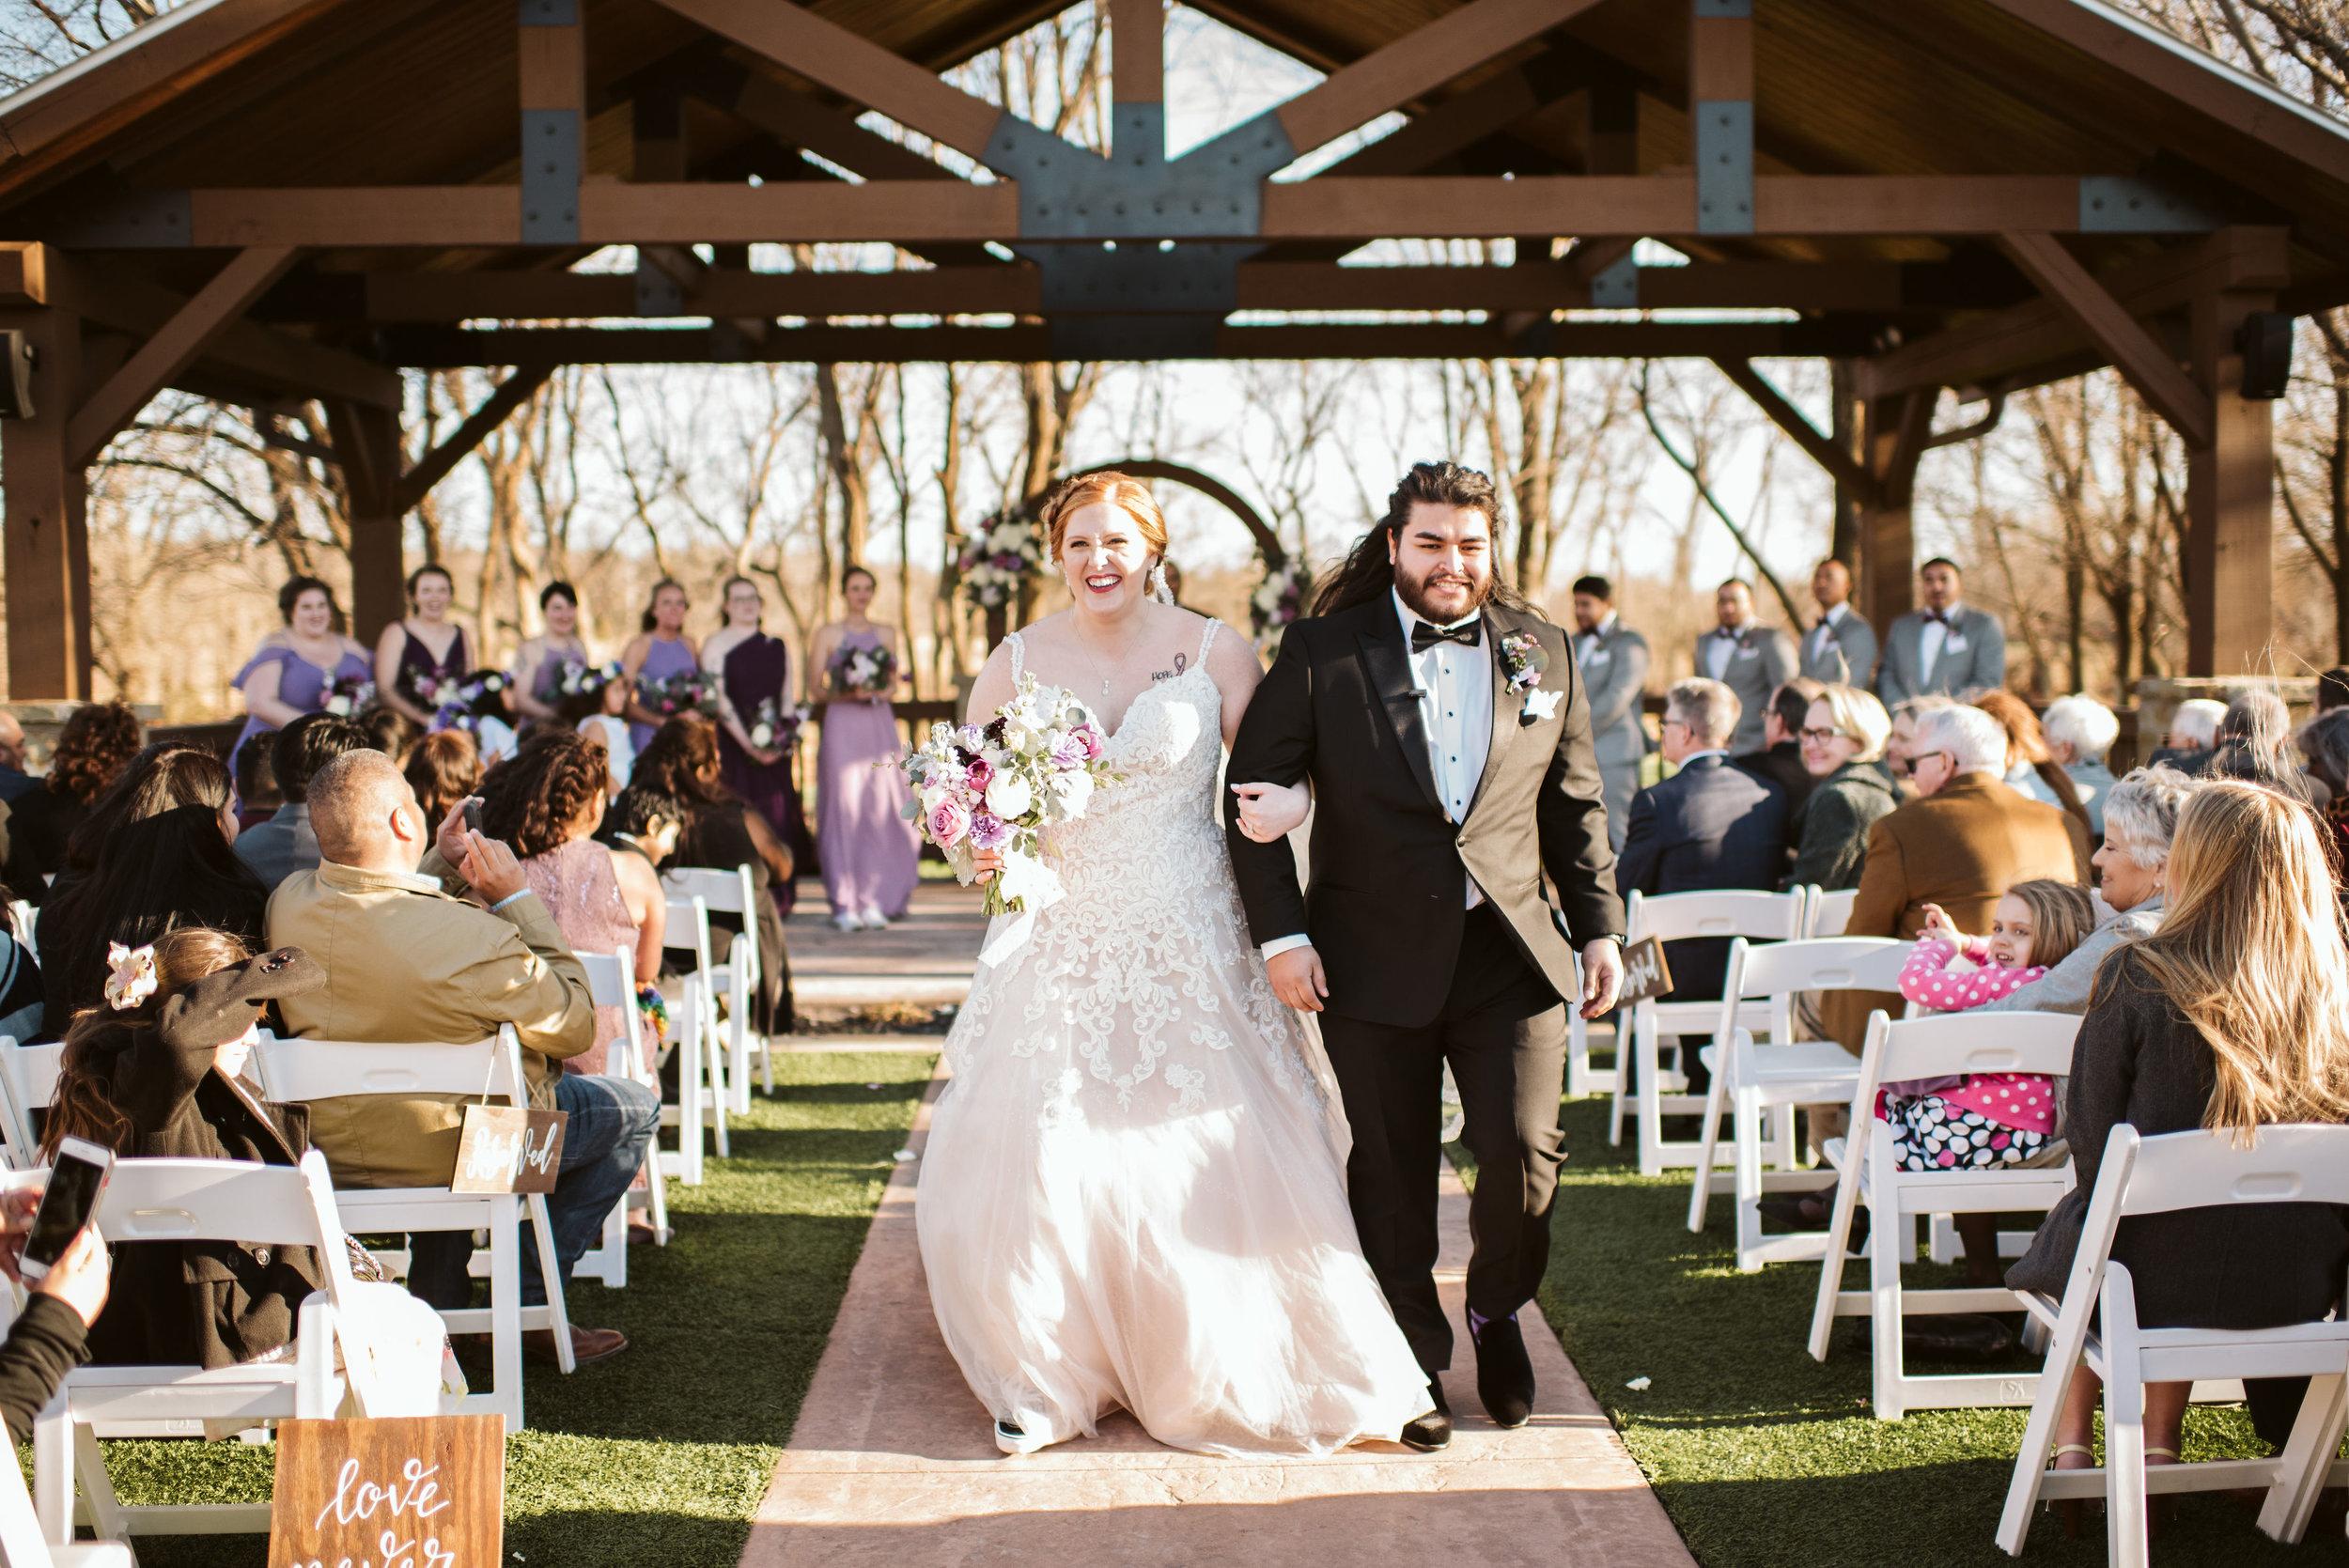 Taylor-Jose-Wedding-604.jpg